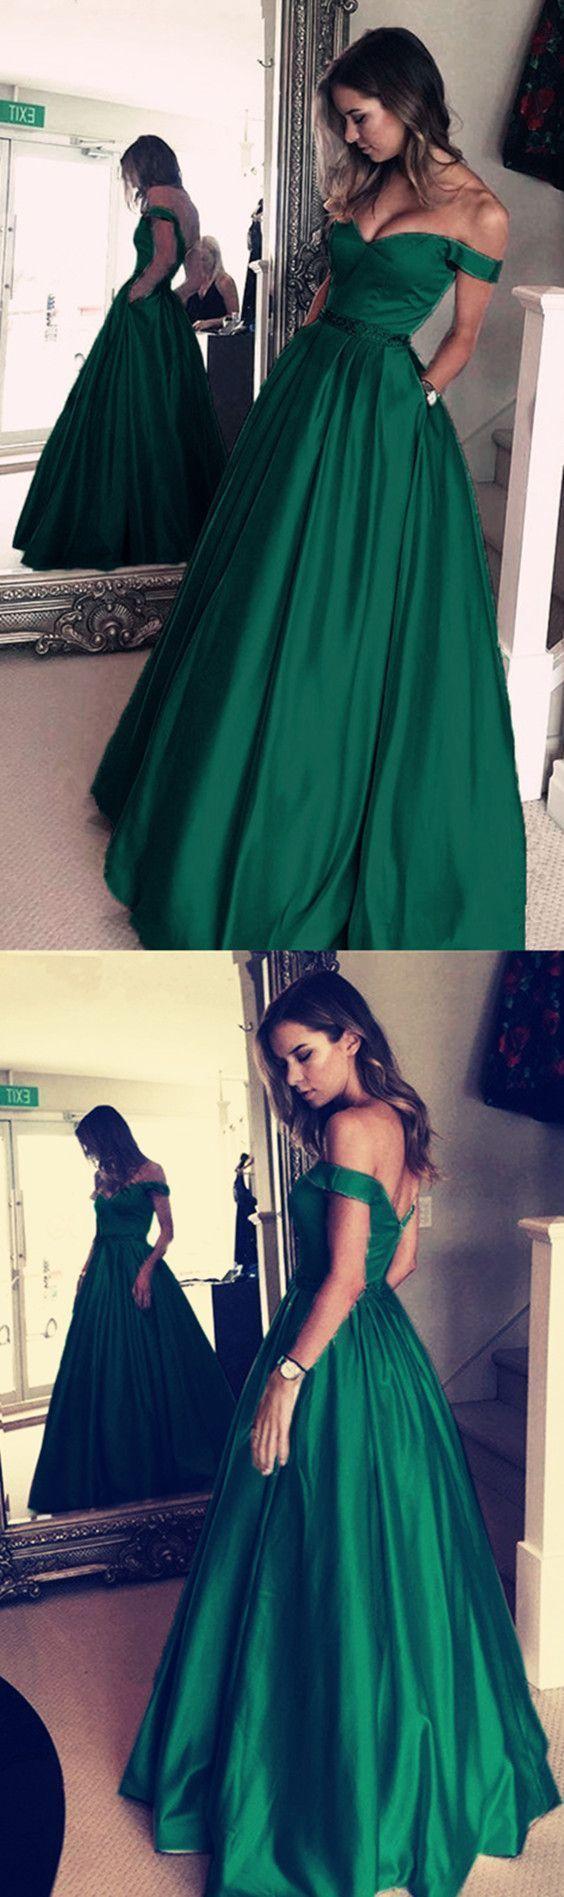 Off shoulder green simple elegant long prom dressbd